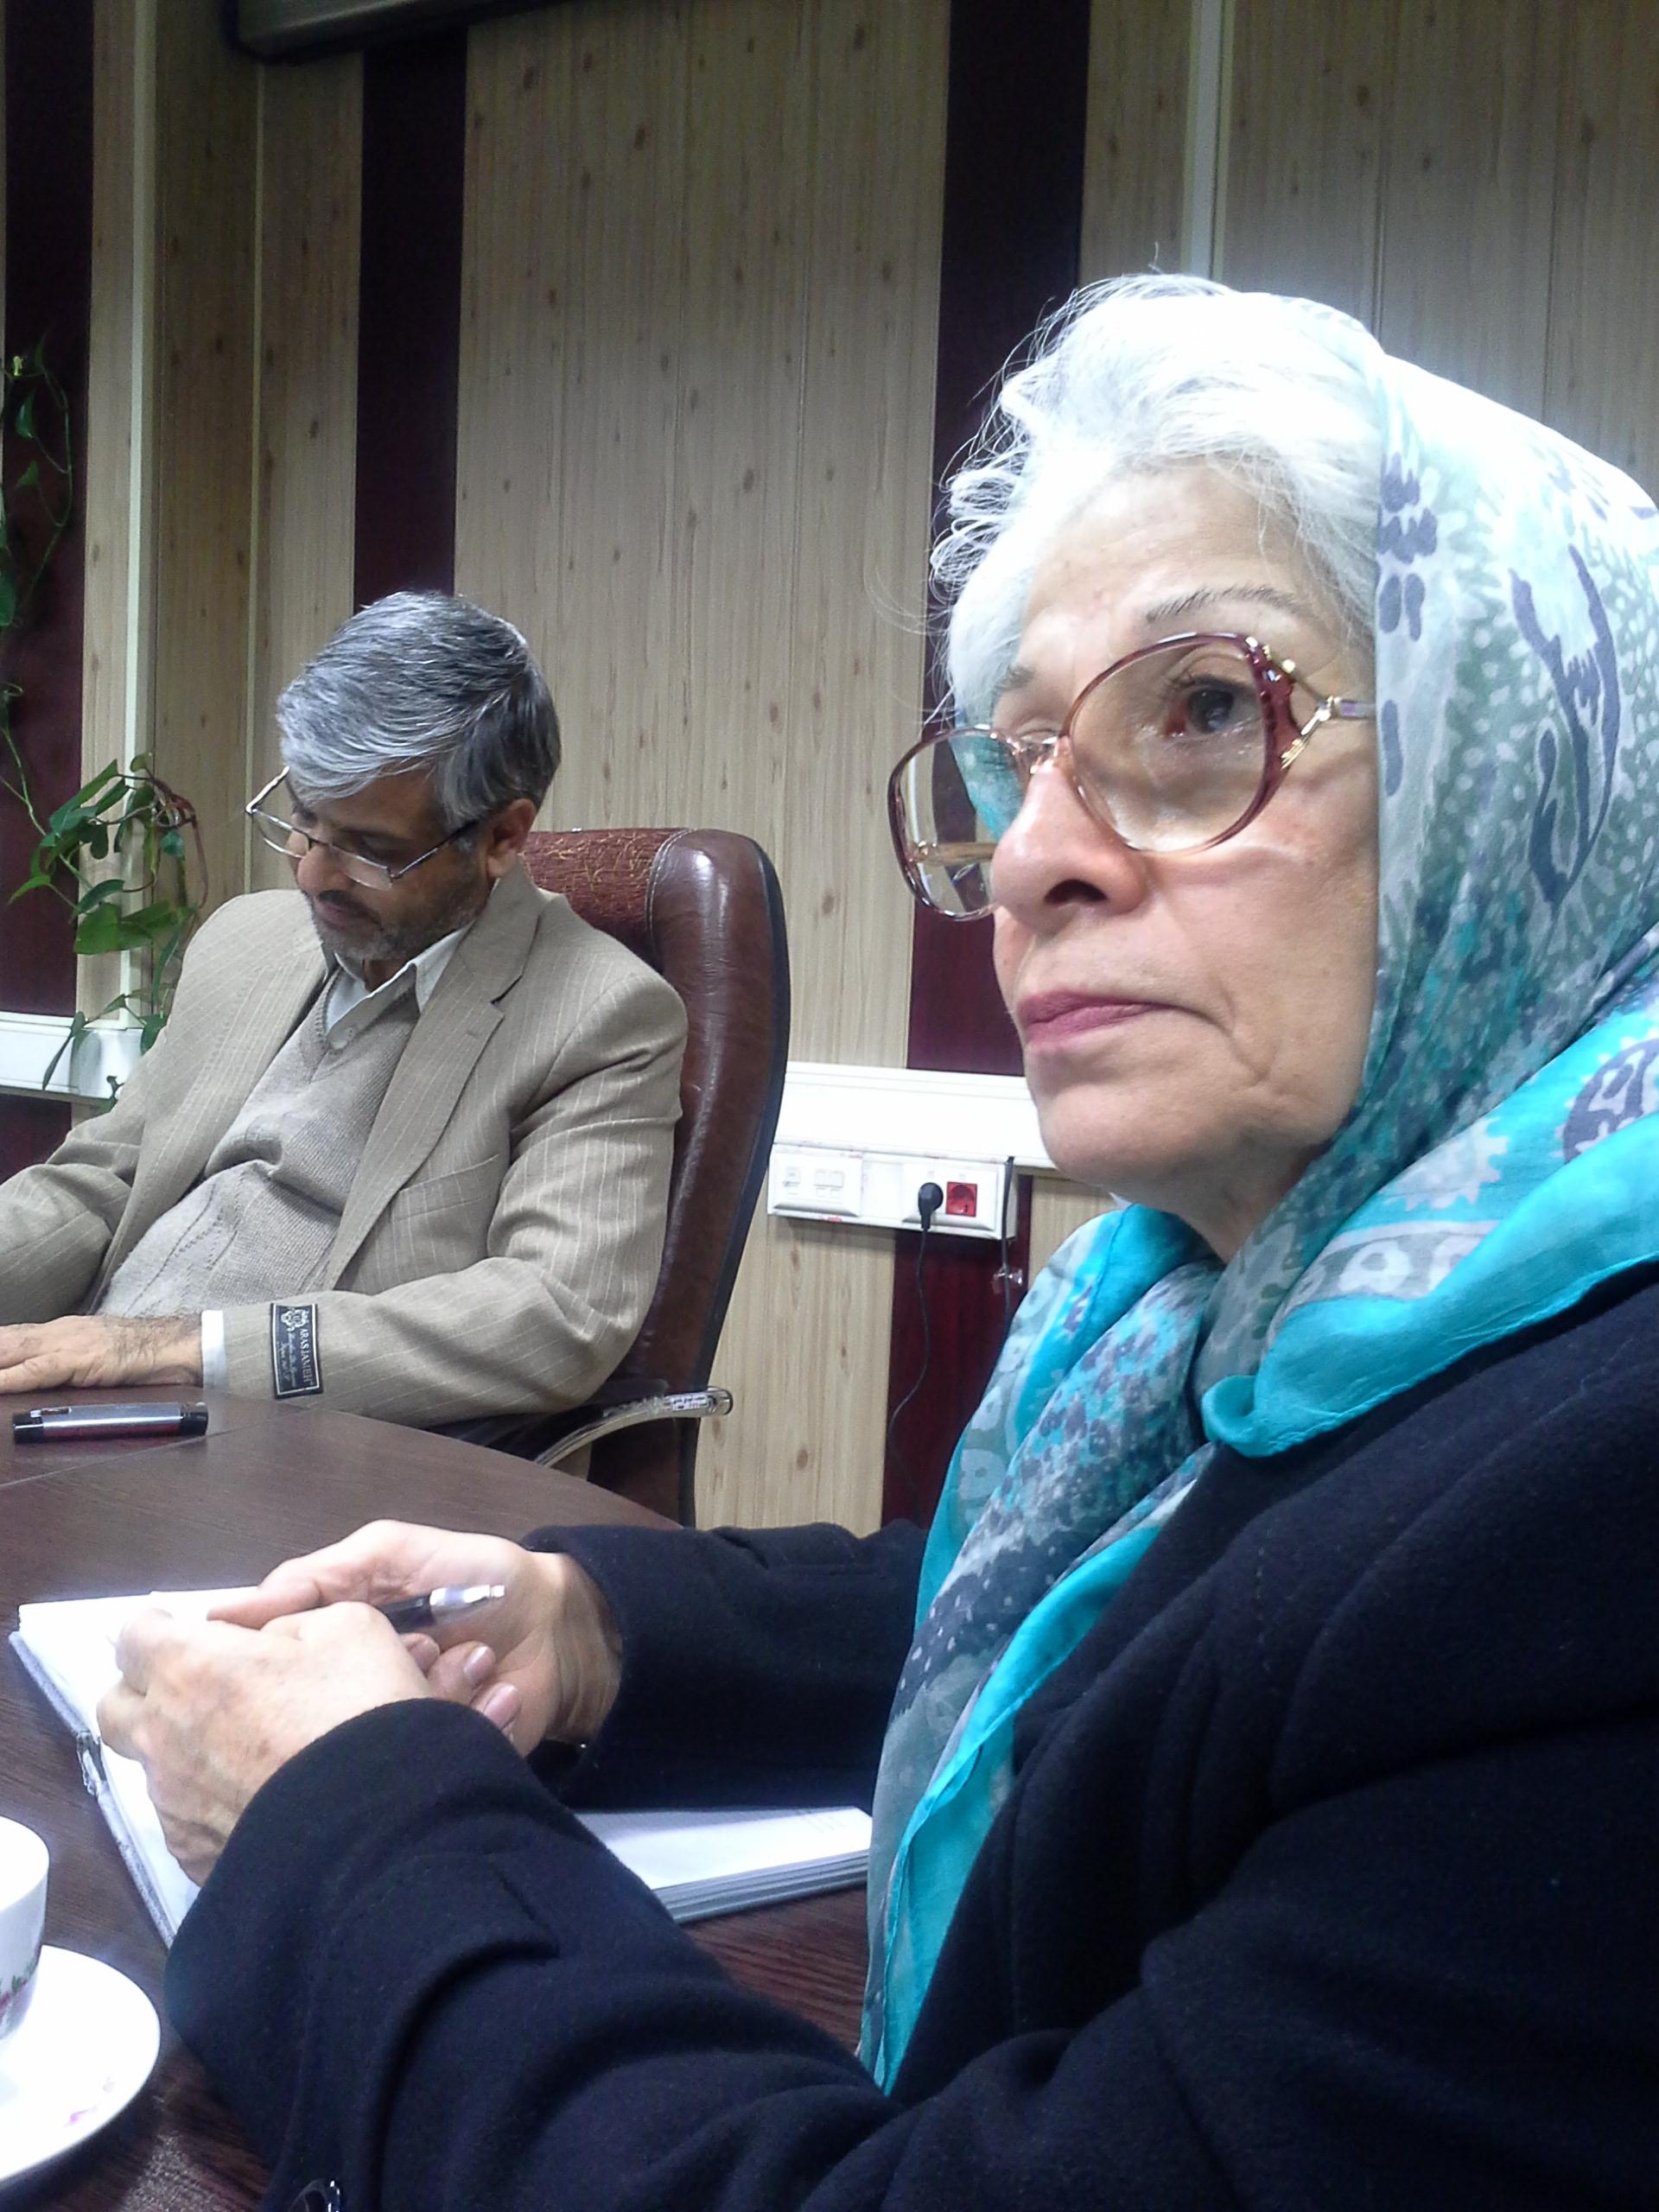 دیدار نمایندگان سازمان های غیردولتی با مسئولان وزارت آموزش و پرورش